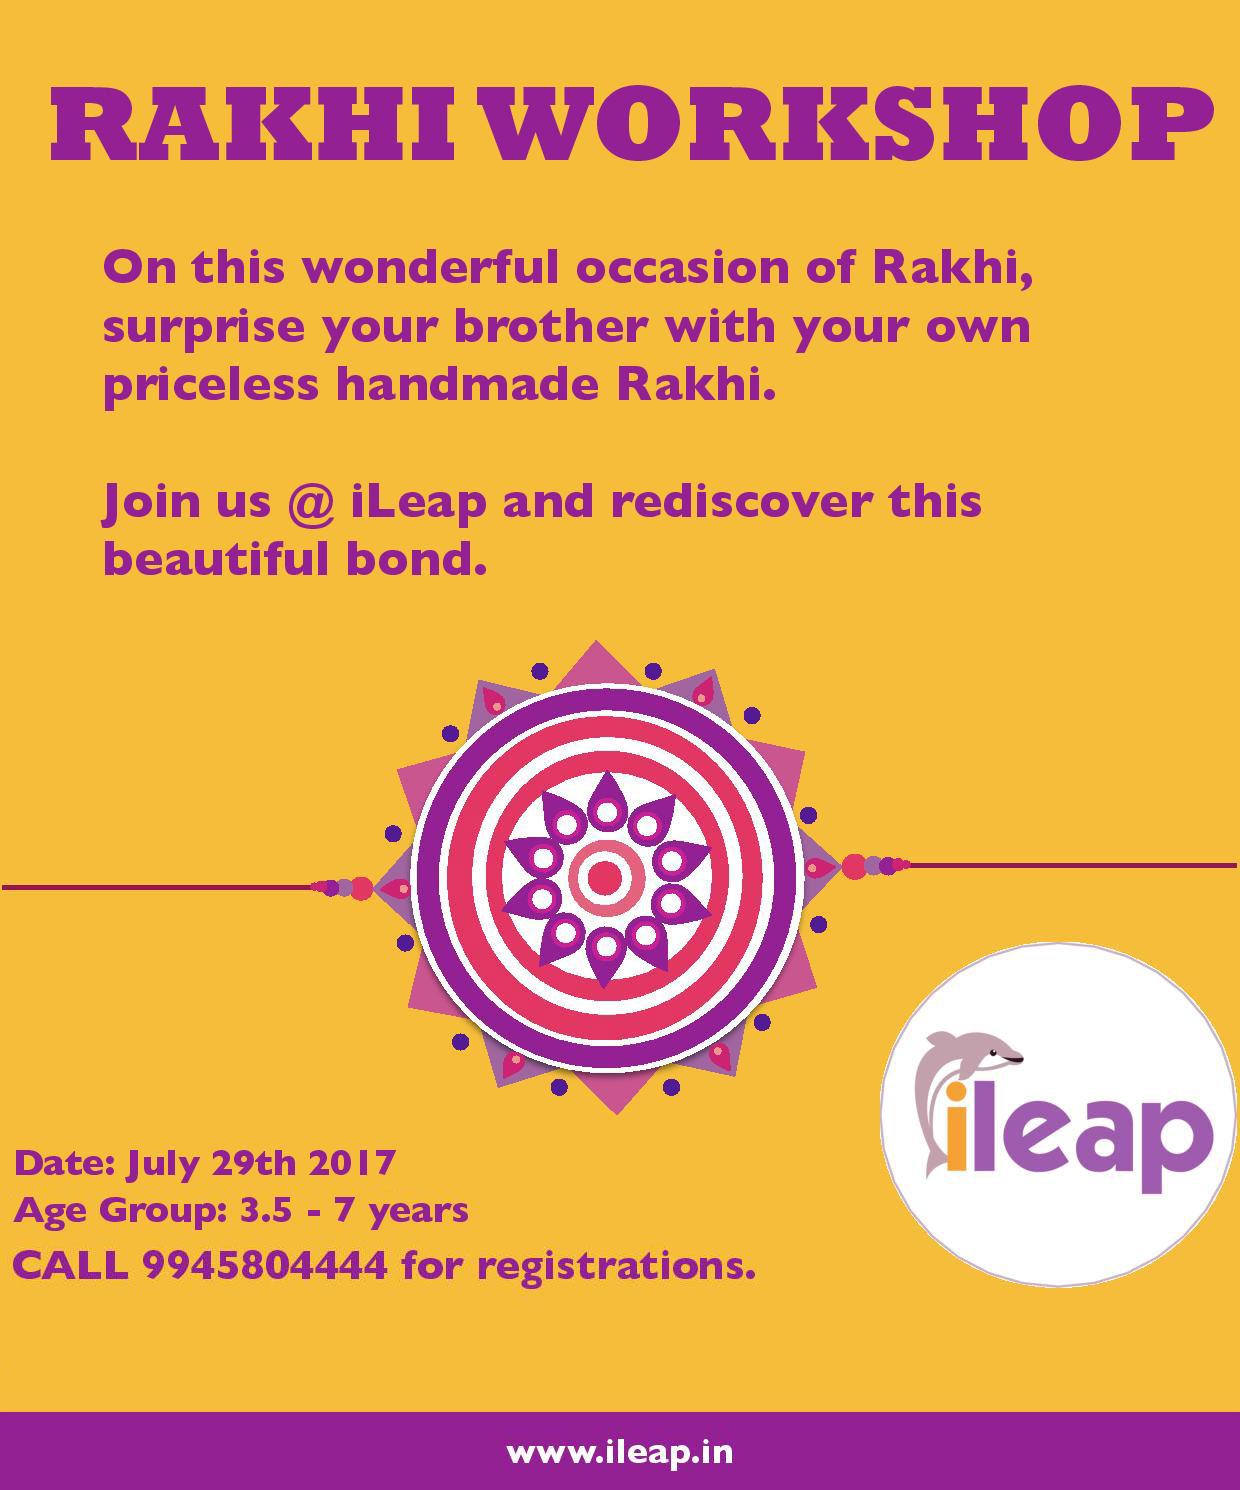 Rakhi Workshop Cover Image